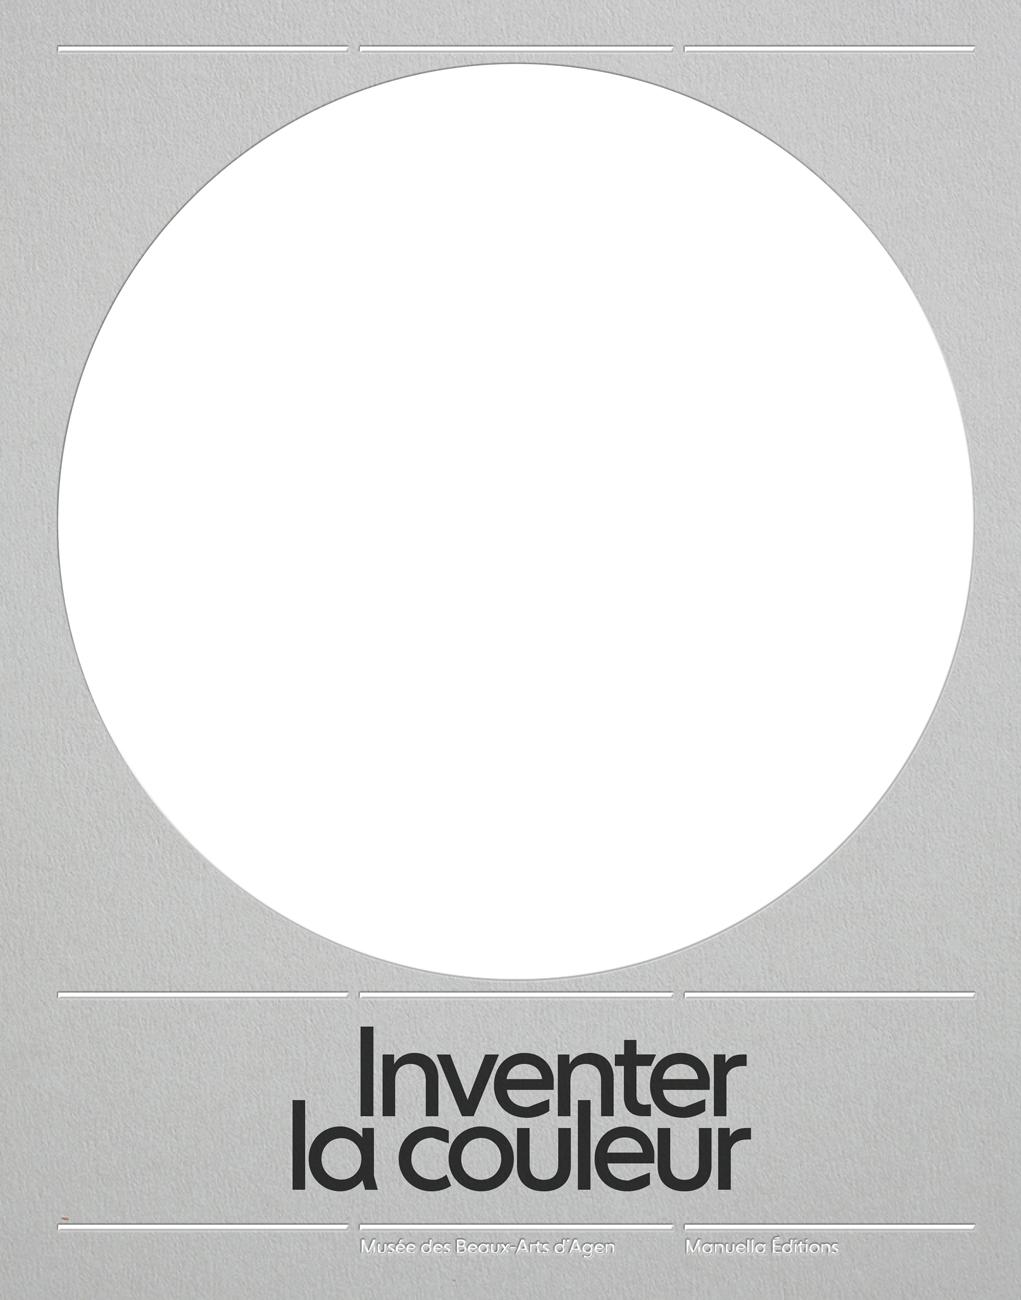 0-Inventer_la_couleur-Francois_Saint_Pierre-Musee_Beaux_Arts_Agen-Nathalie_Boulouch-Photographie